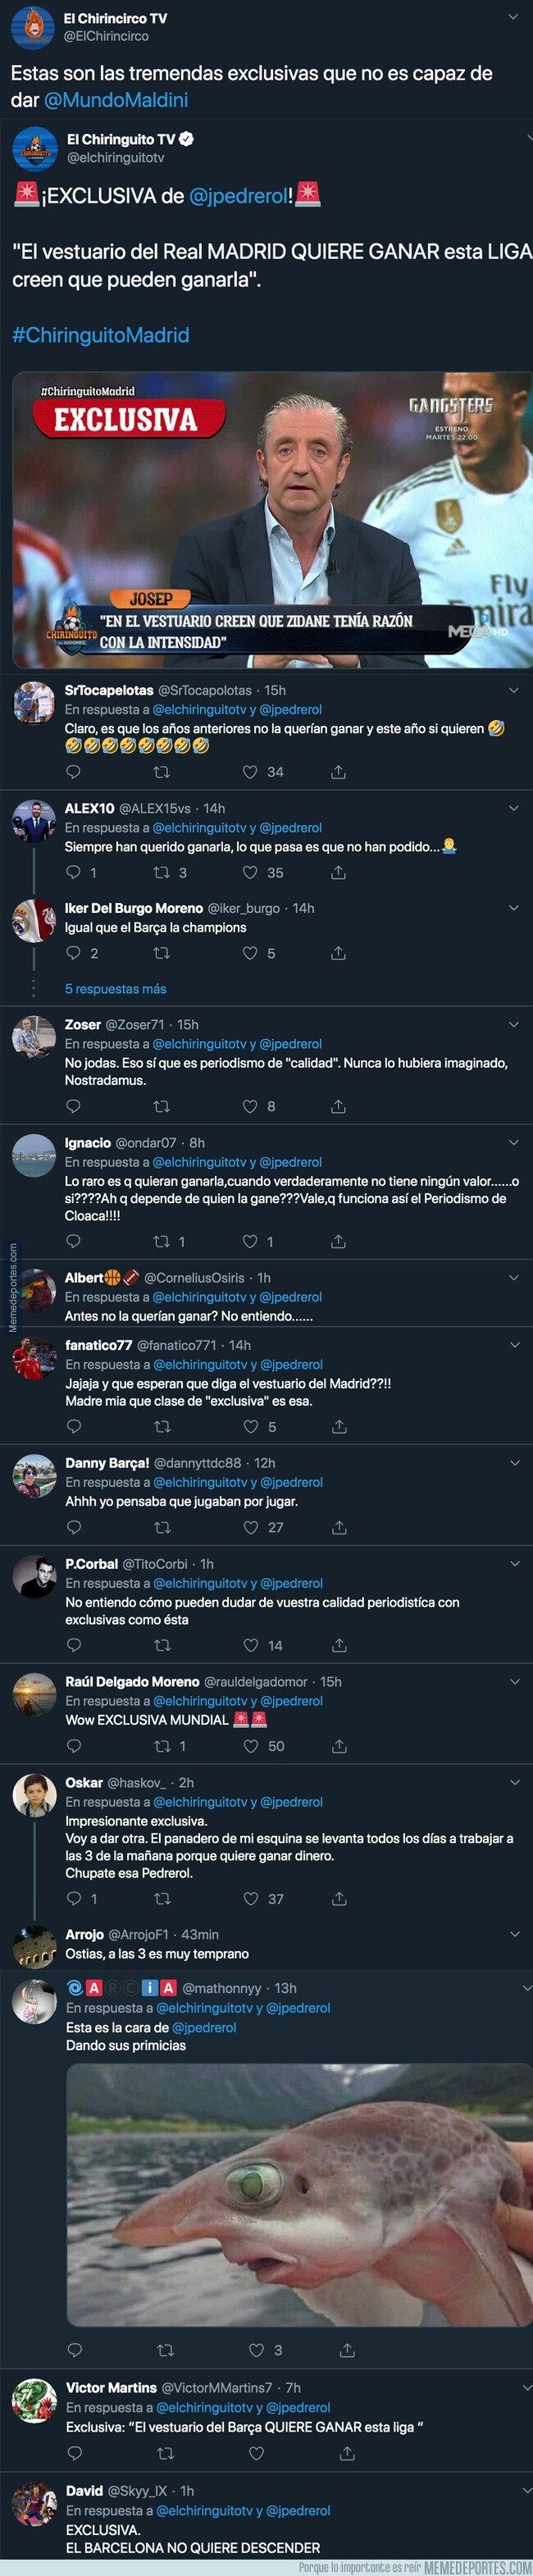 1087161 - Todo el mundo se está riendo de Pedrerol por la exclusiva que ha dado sobre el Real Madrid